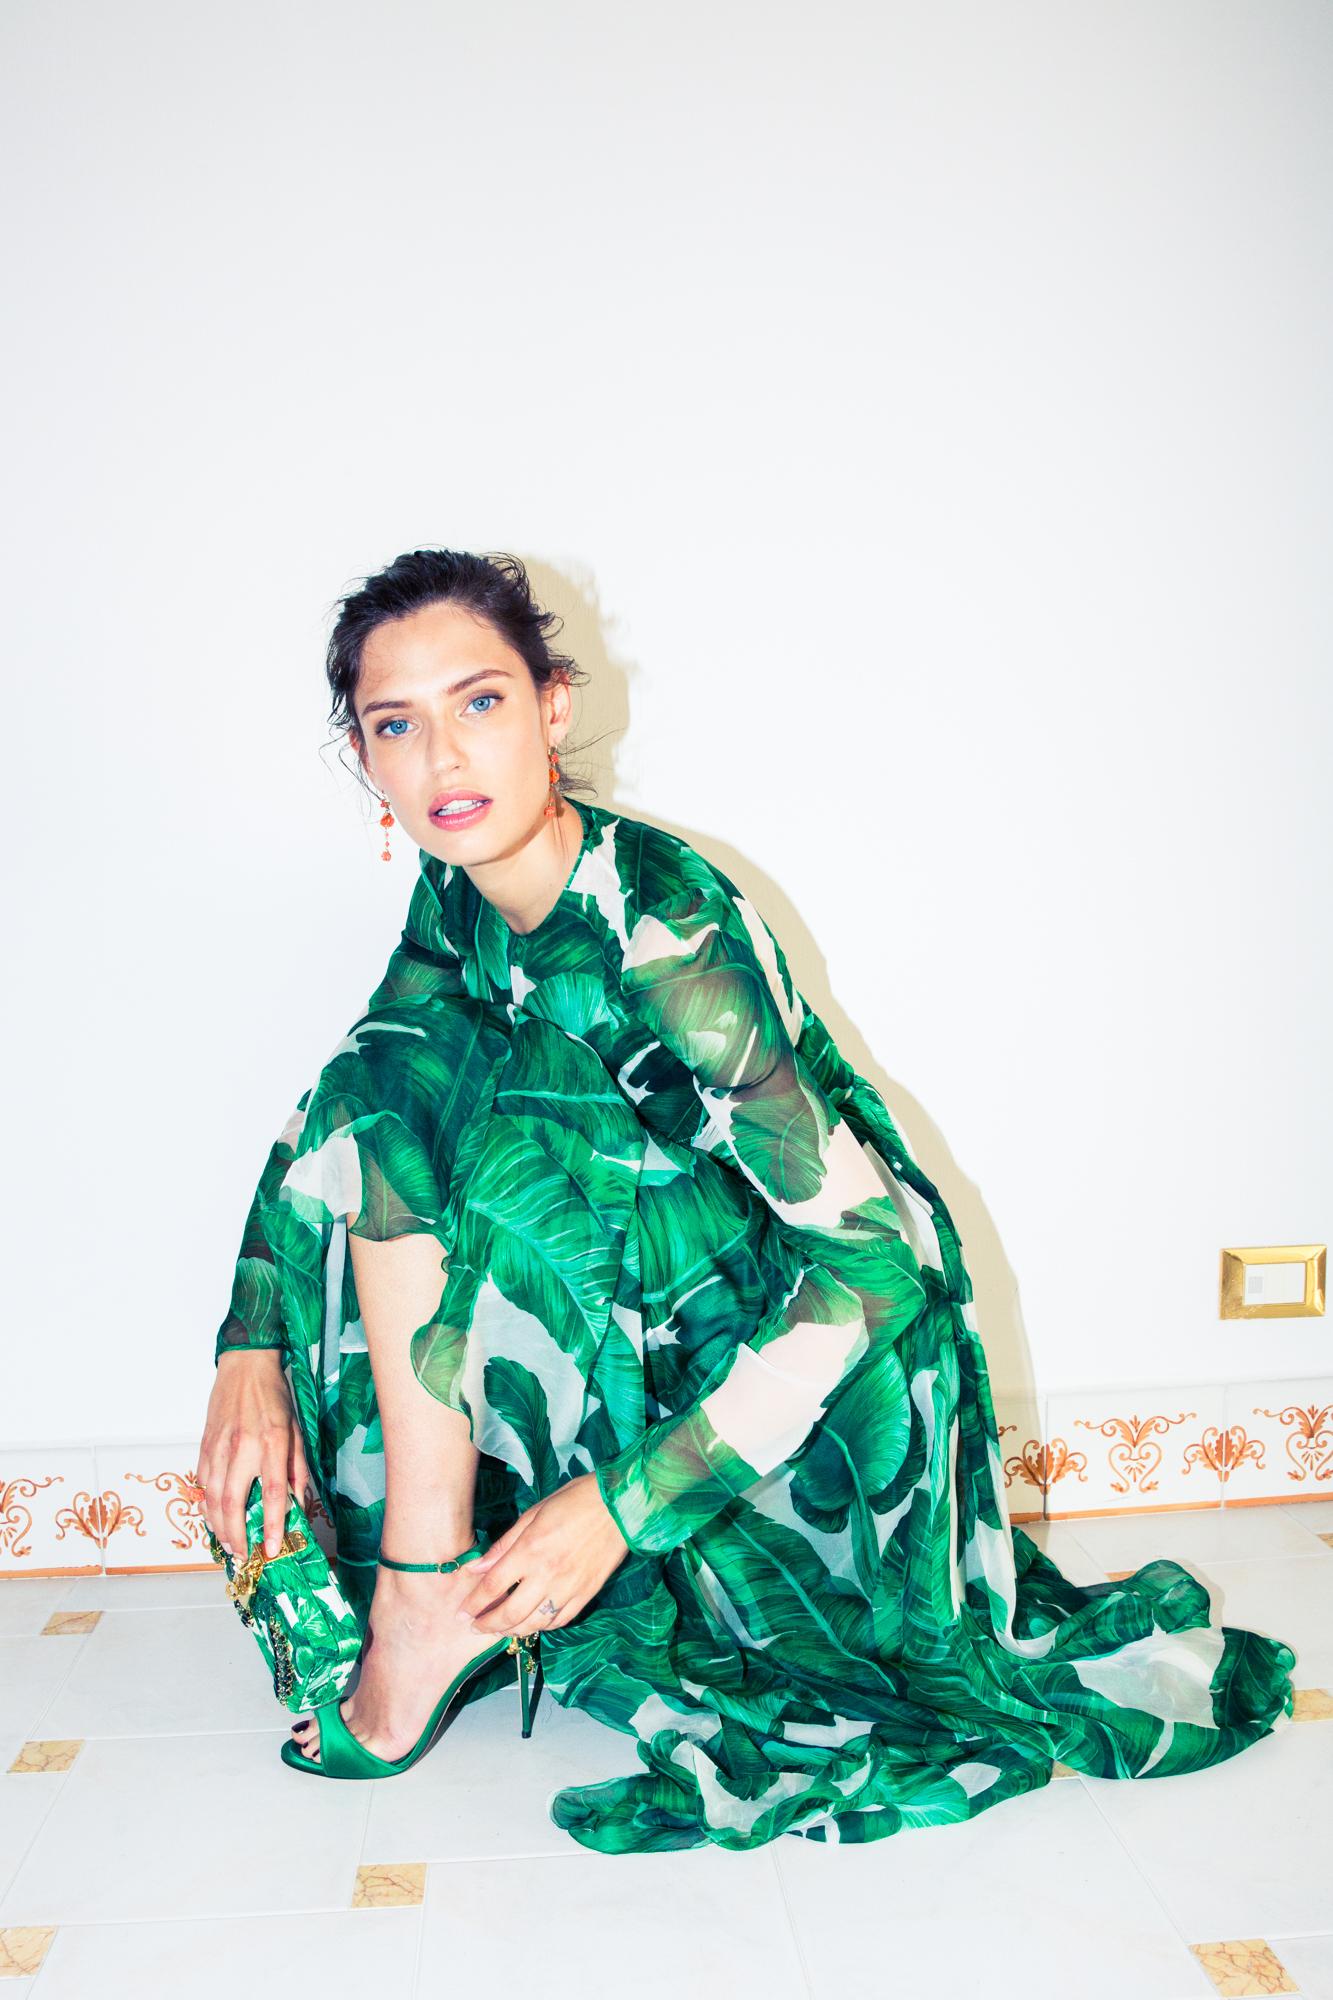 Bianca_Balti-40 copy.jpg